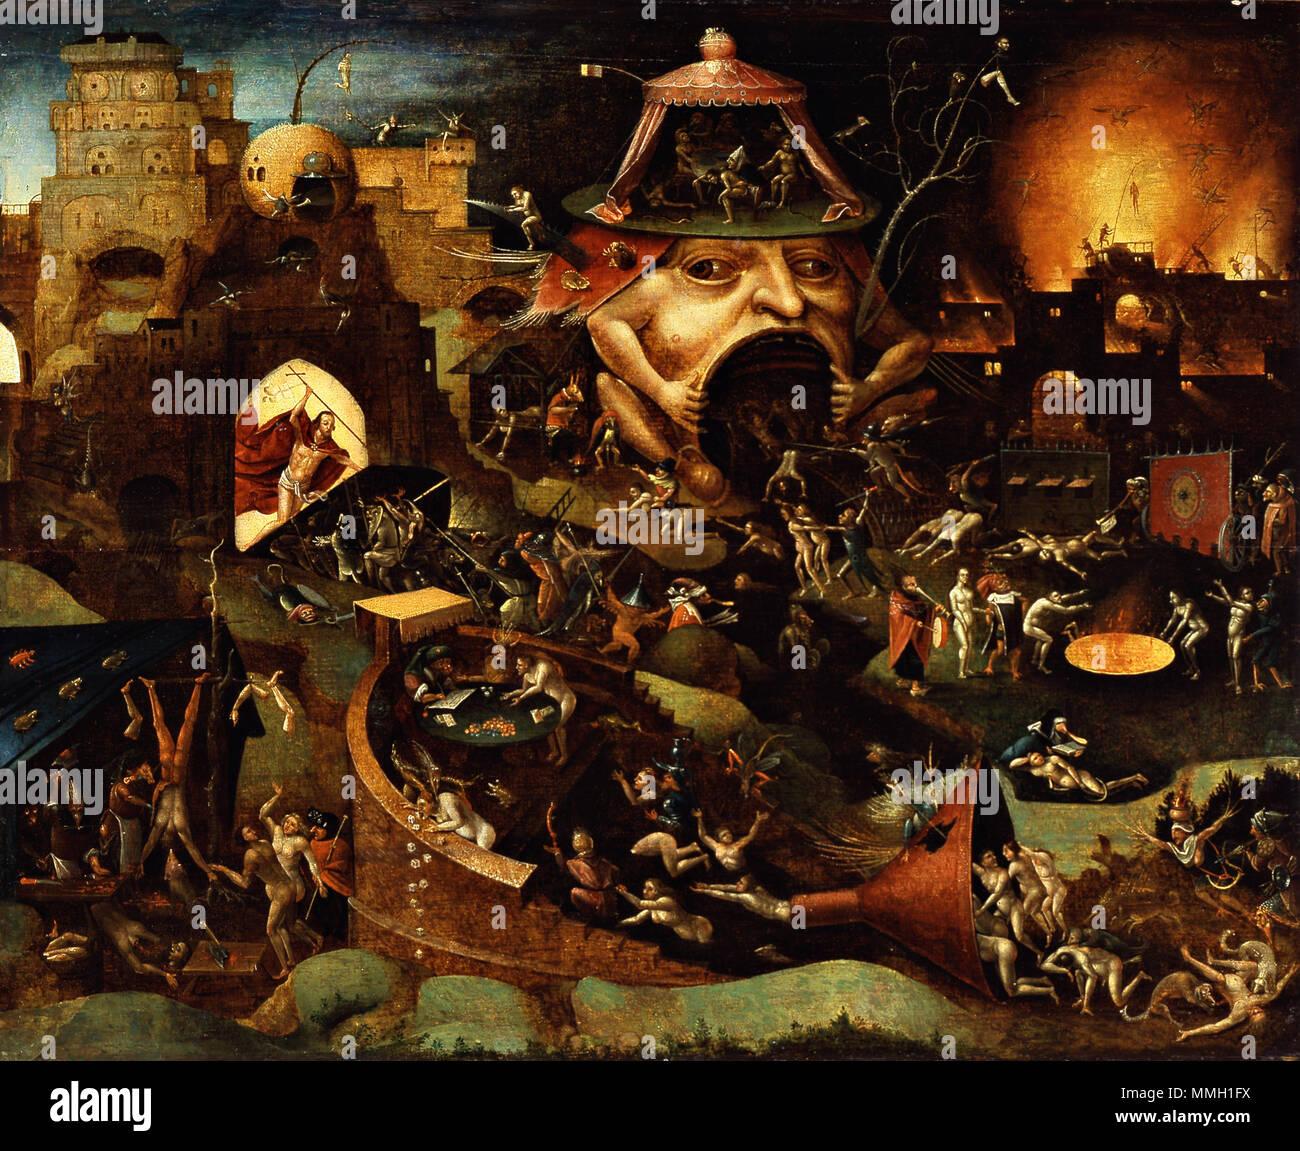 Limbus Fotos & Limbus Imagens de Stock - Alamy